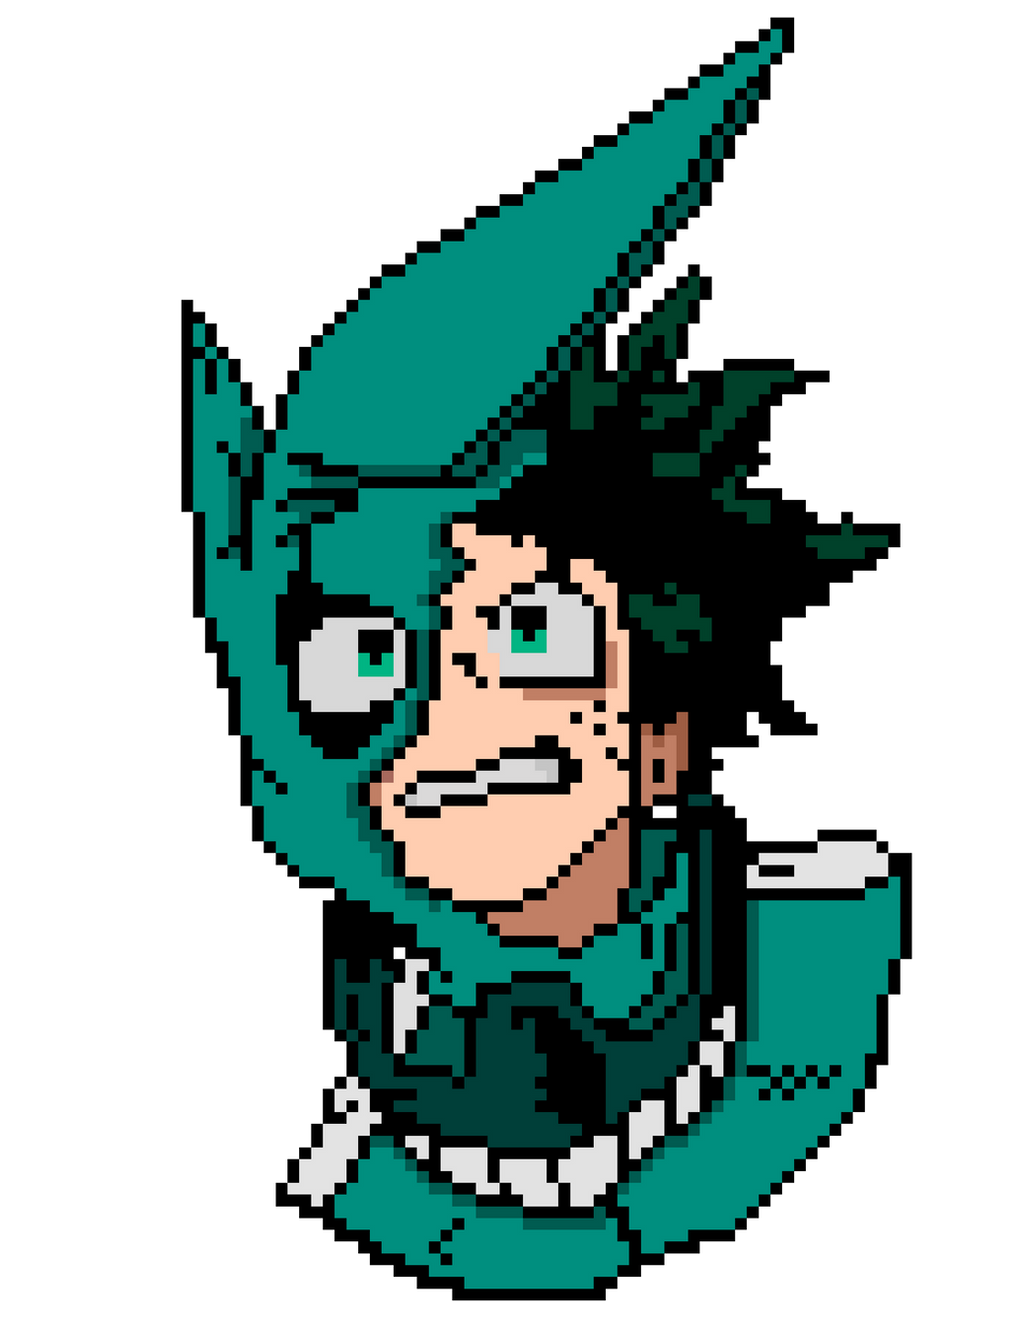 Izuku Midoriya Pixel Art (my hero academia) by nezz94